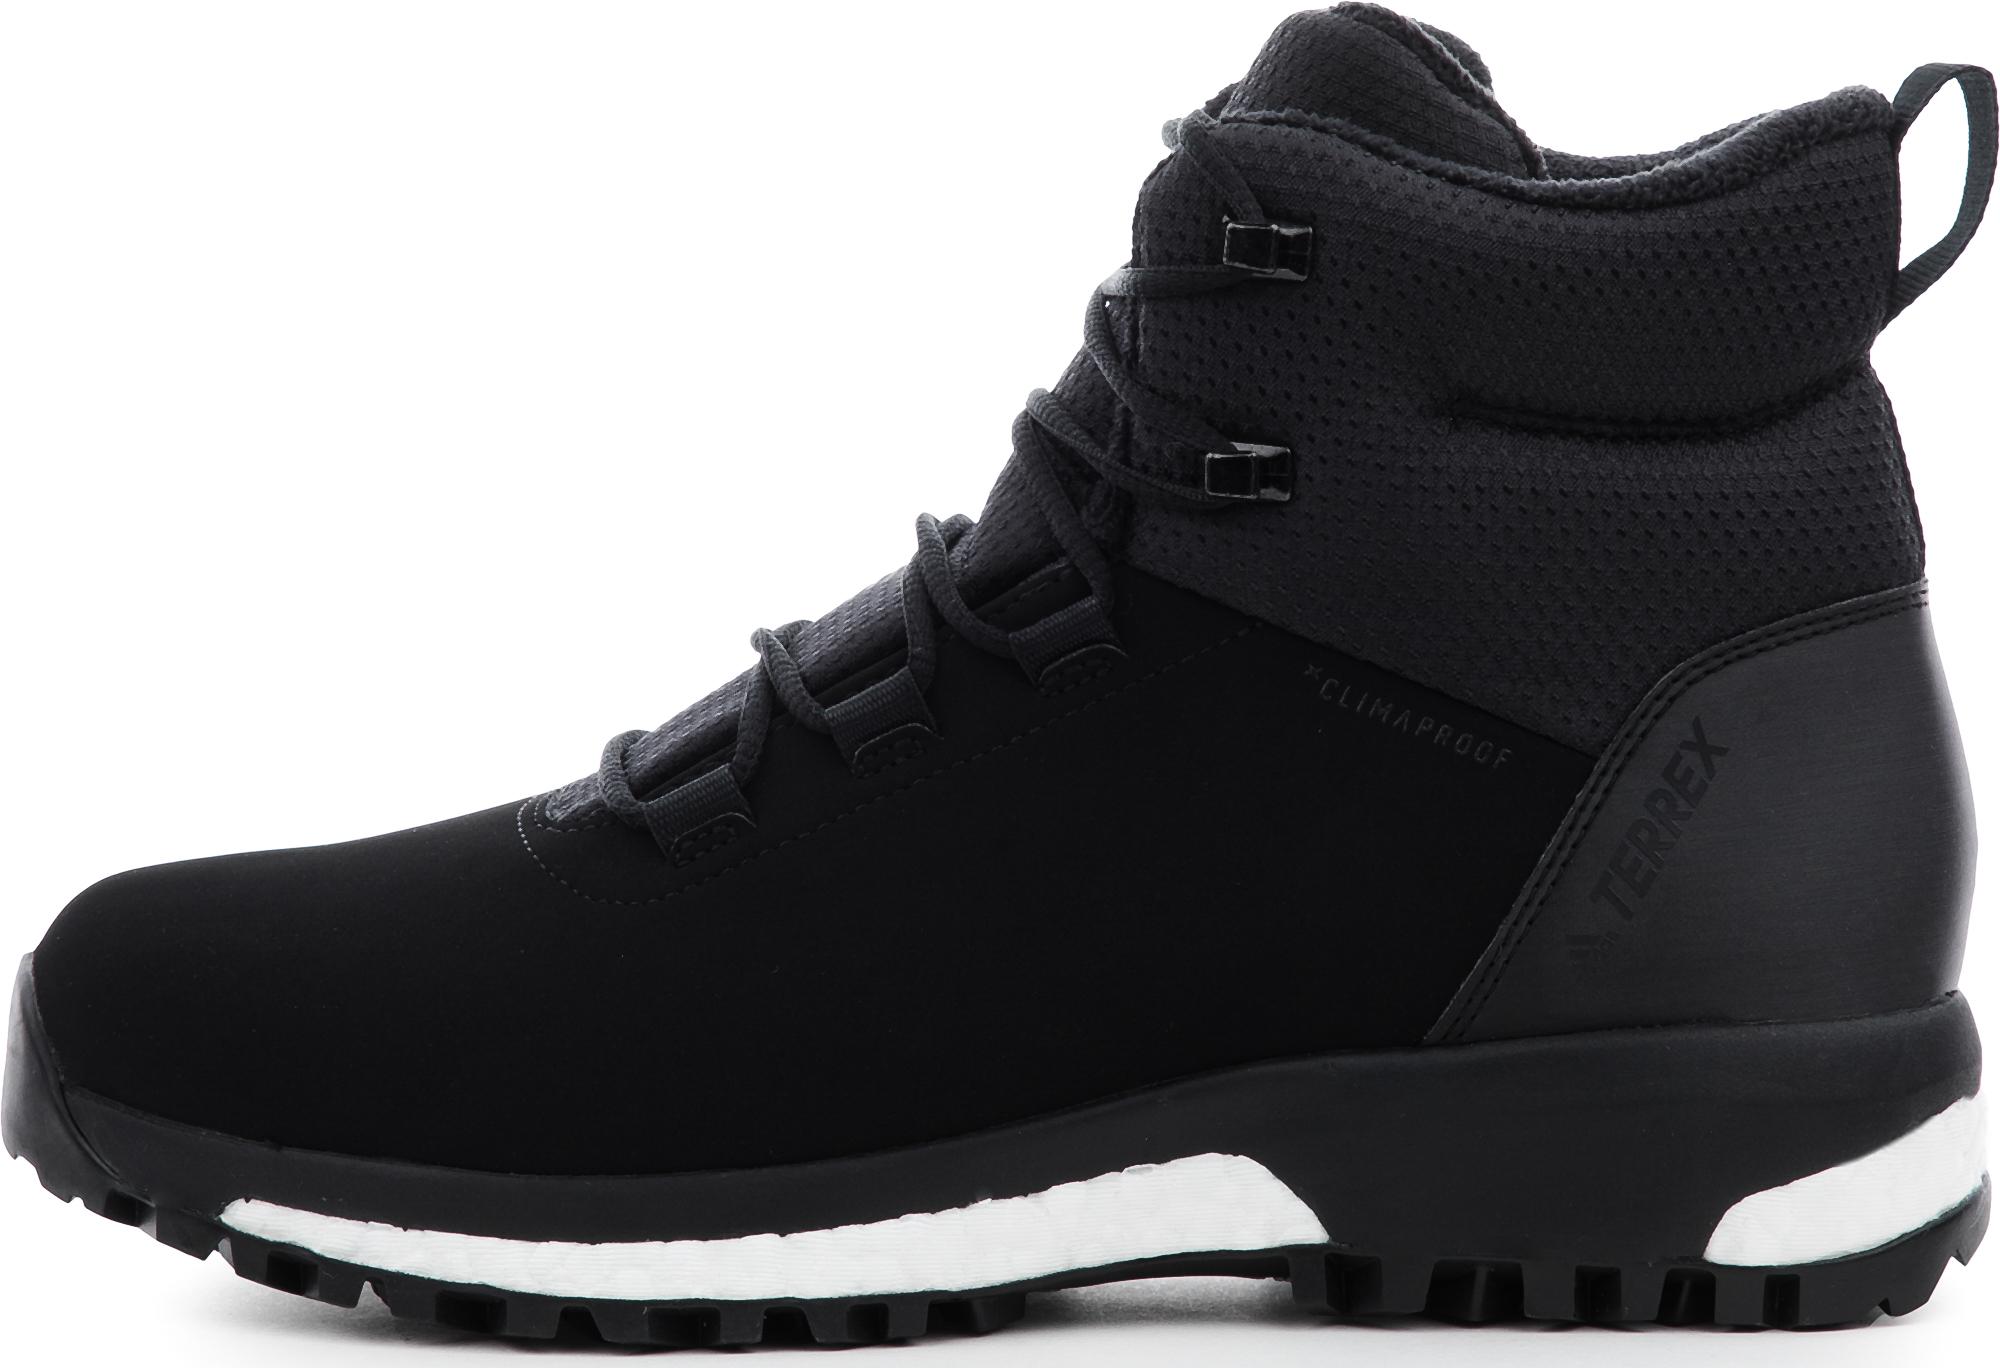 Adidas Ботинки утепленные женские Terrex Pathmaker, размер 40